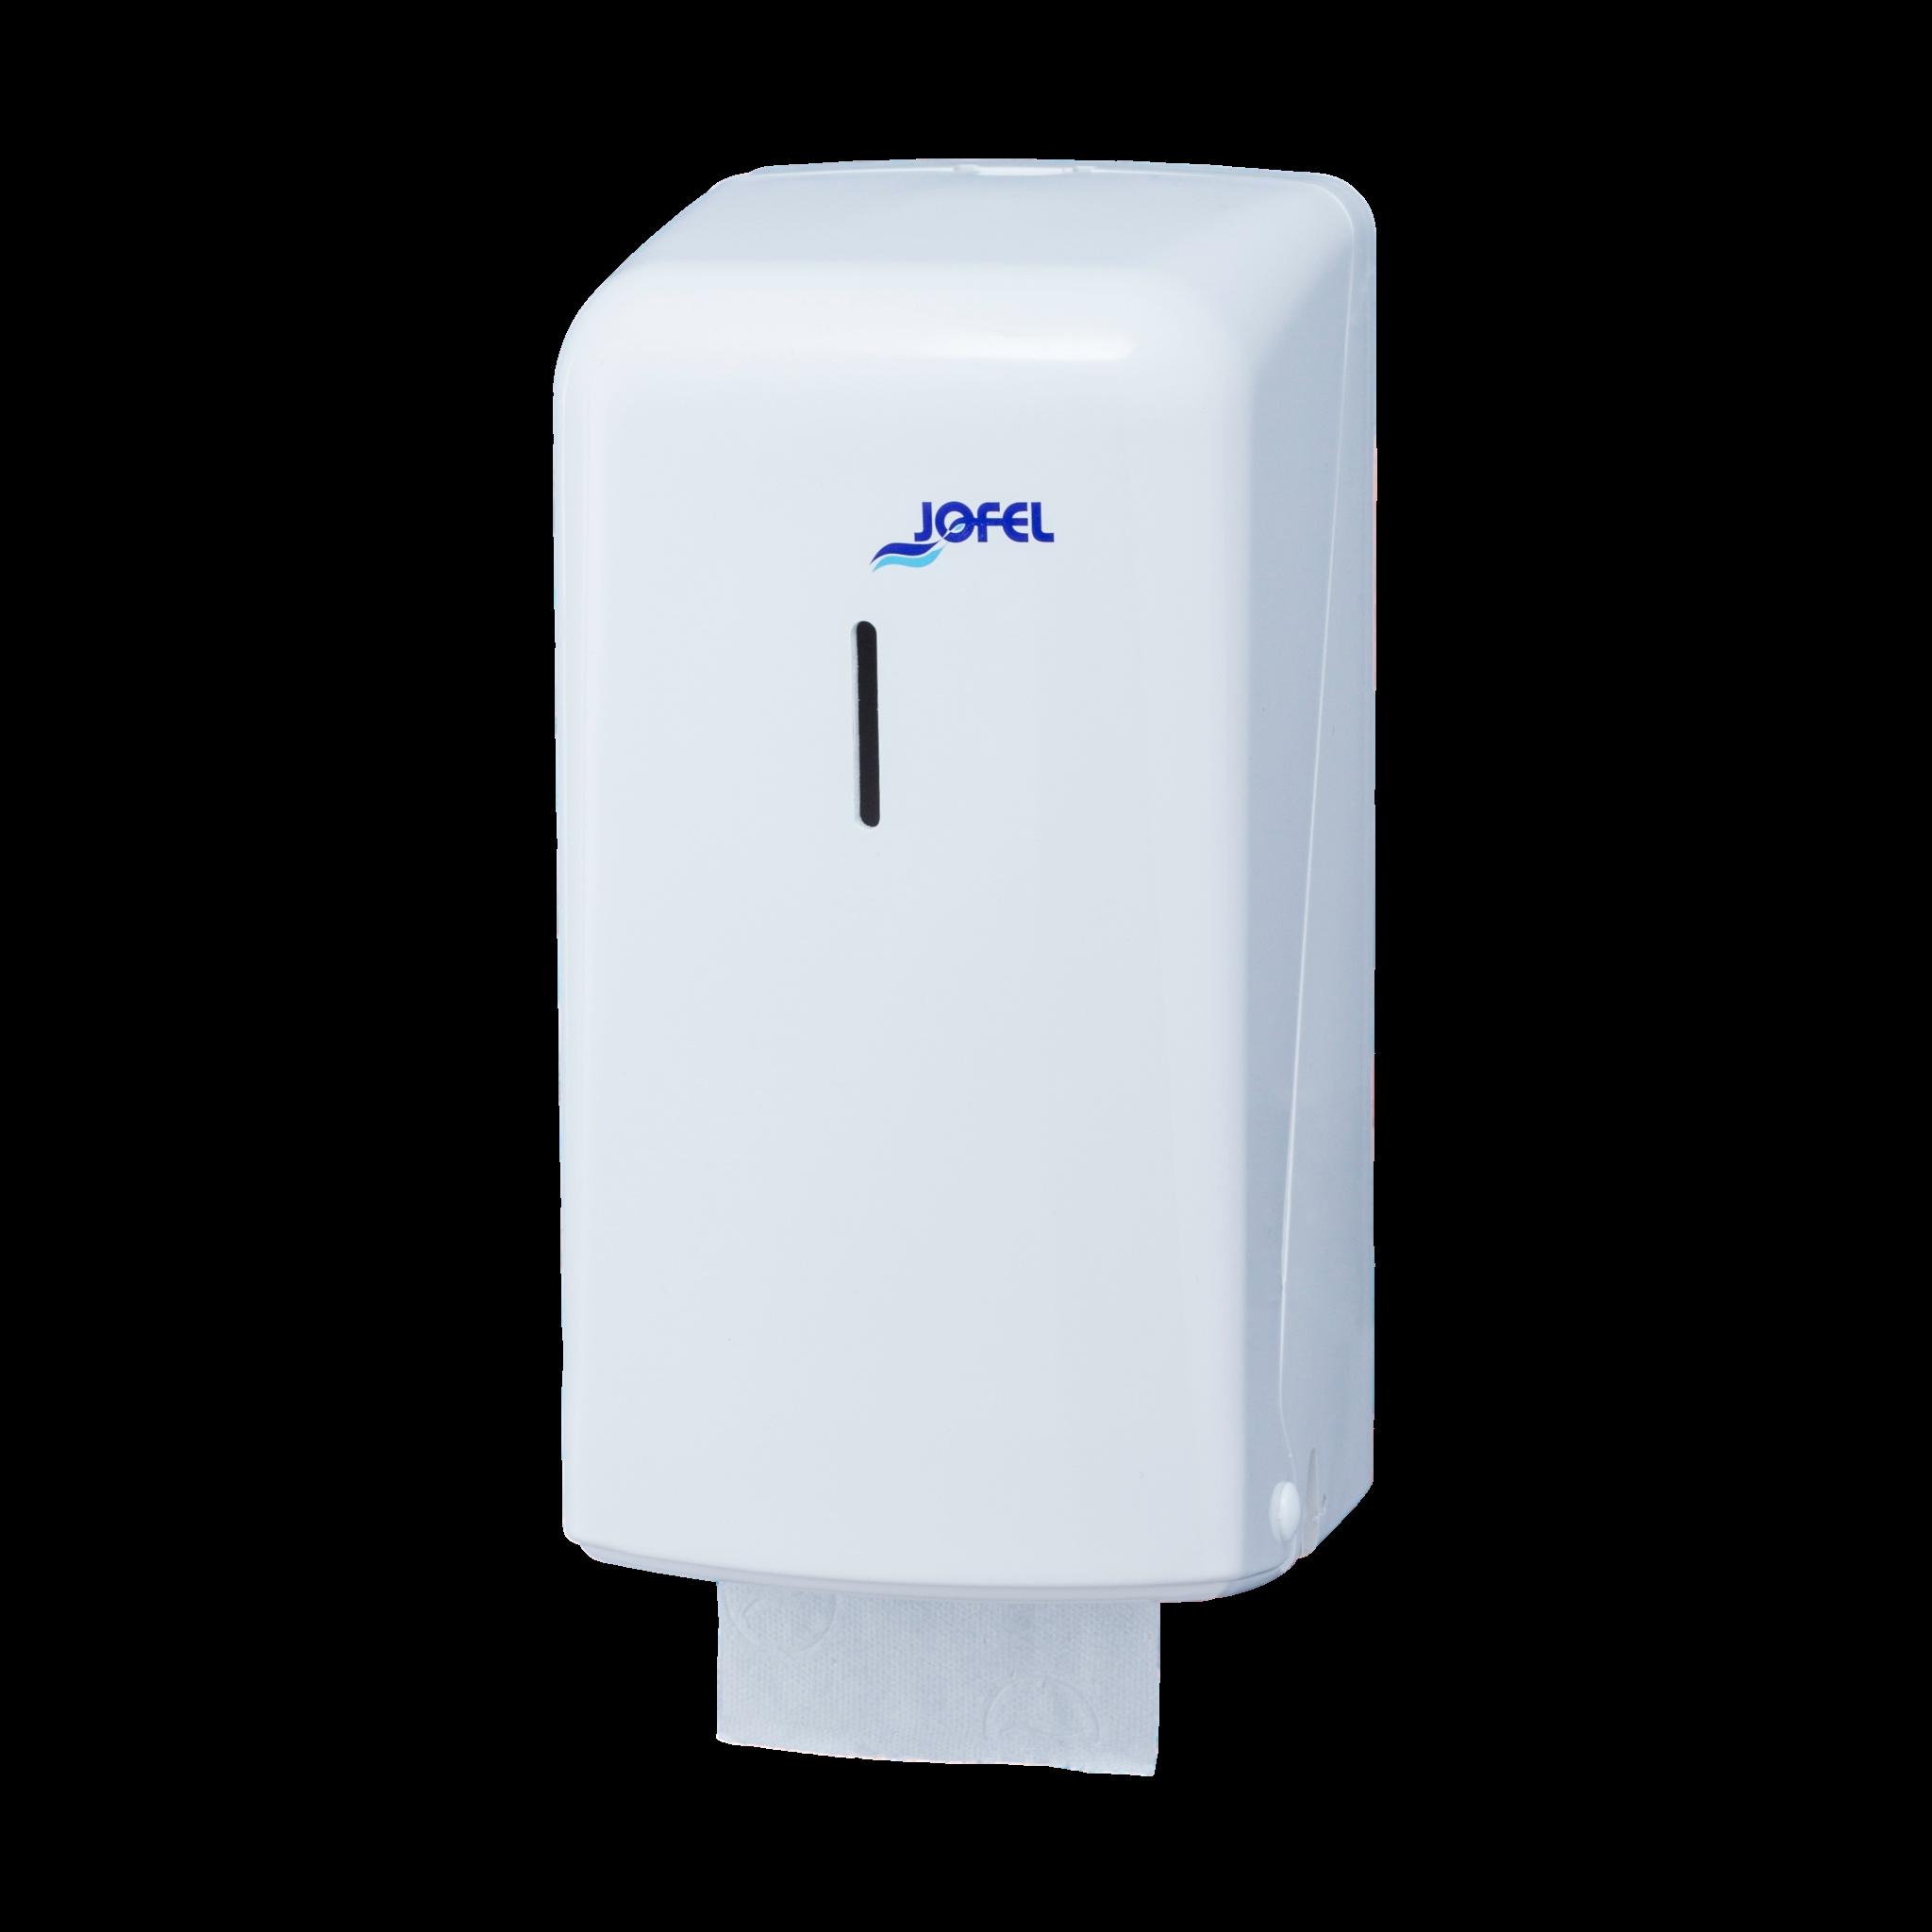 Πλαστική θήκη οικιακών ρολών υγείας Jofel Azur white AF50000